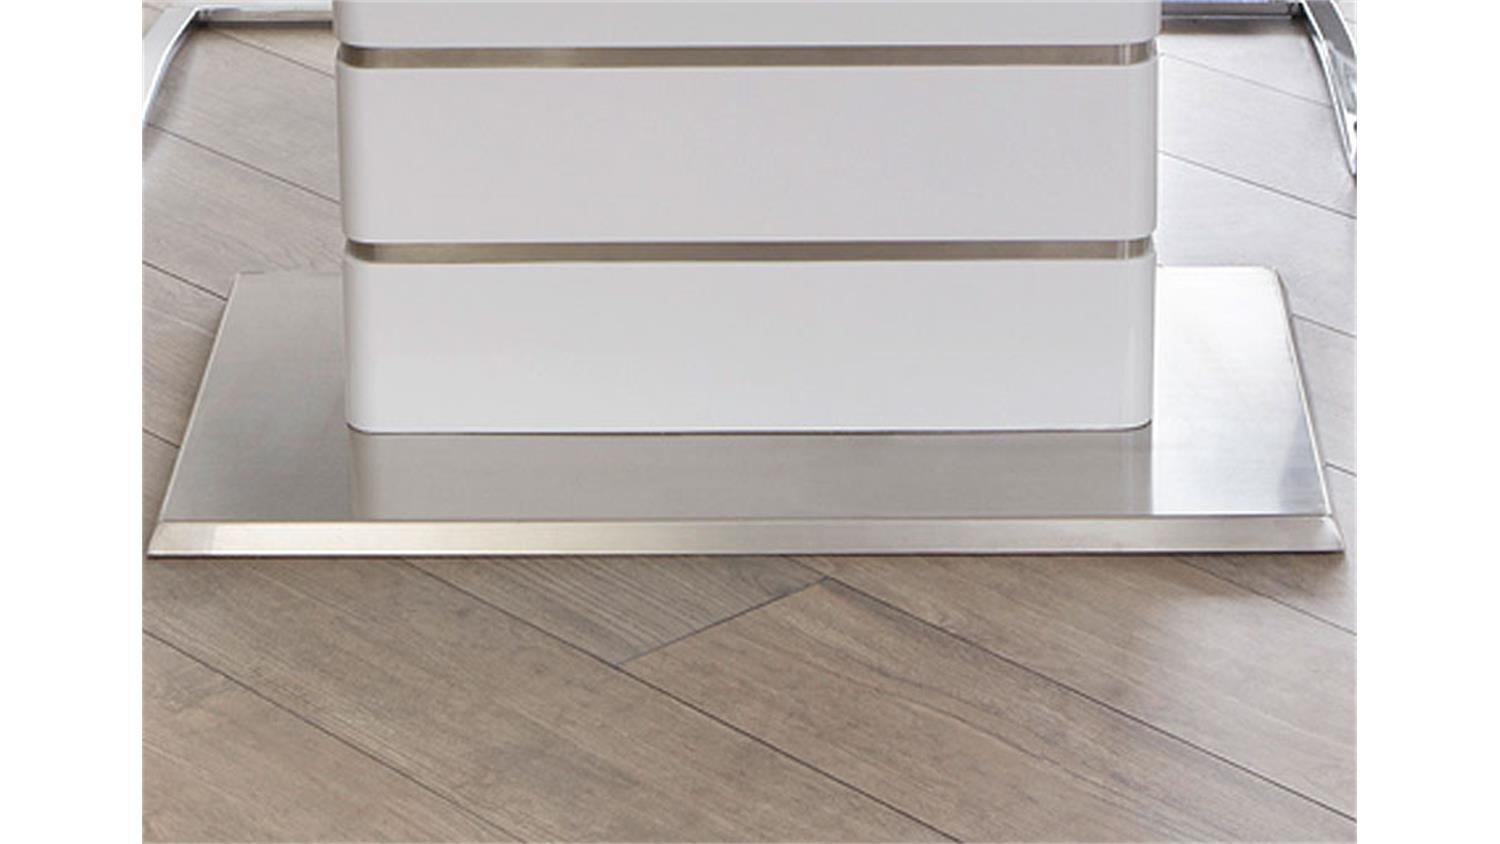 Esstisch 160 Ausziehbar alando weiß edelstahl ausziehbar 160 200x90 cm